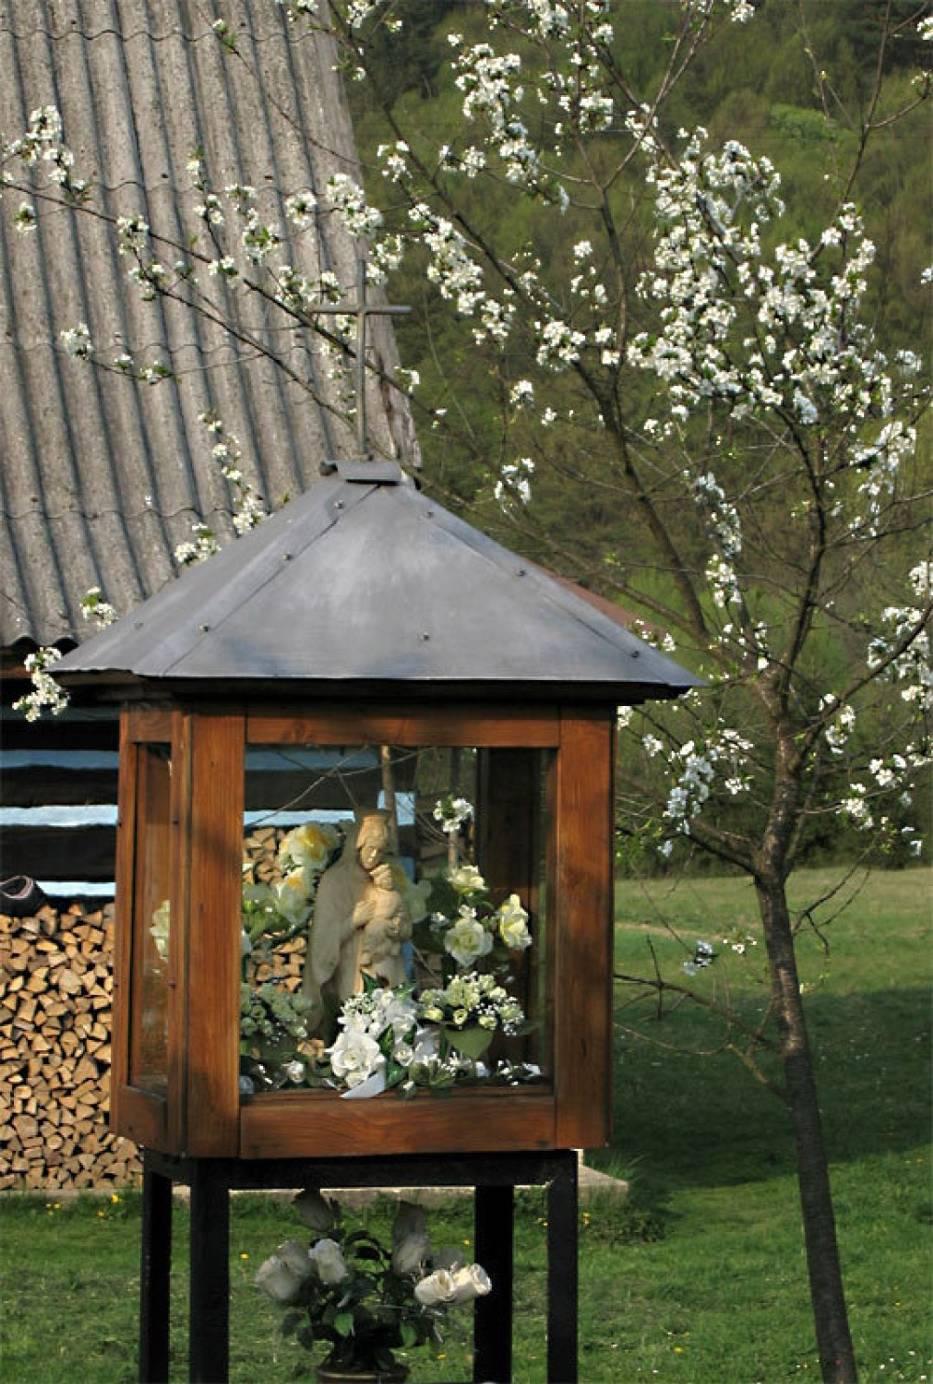 Wielu Polaków od dawna na stałe mieszkających za granicą z sentymentem wspomina również domowe ołtarzyki oraz kapliczki z rodzinnych stron